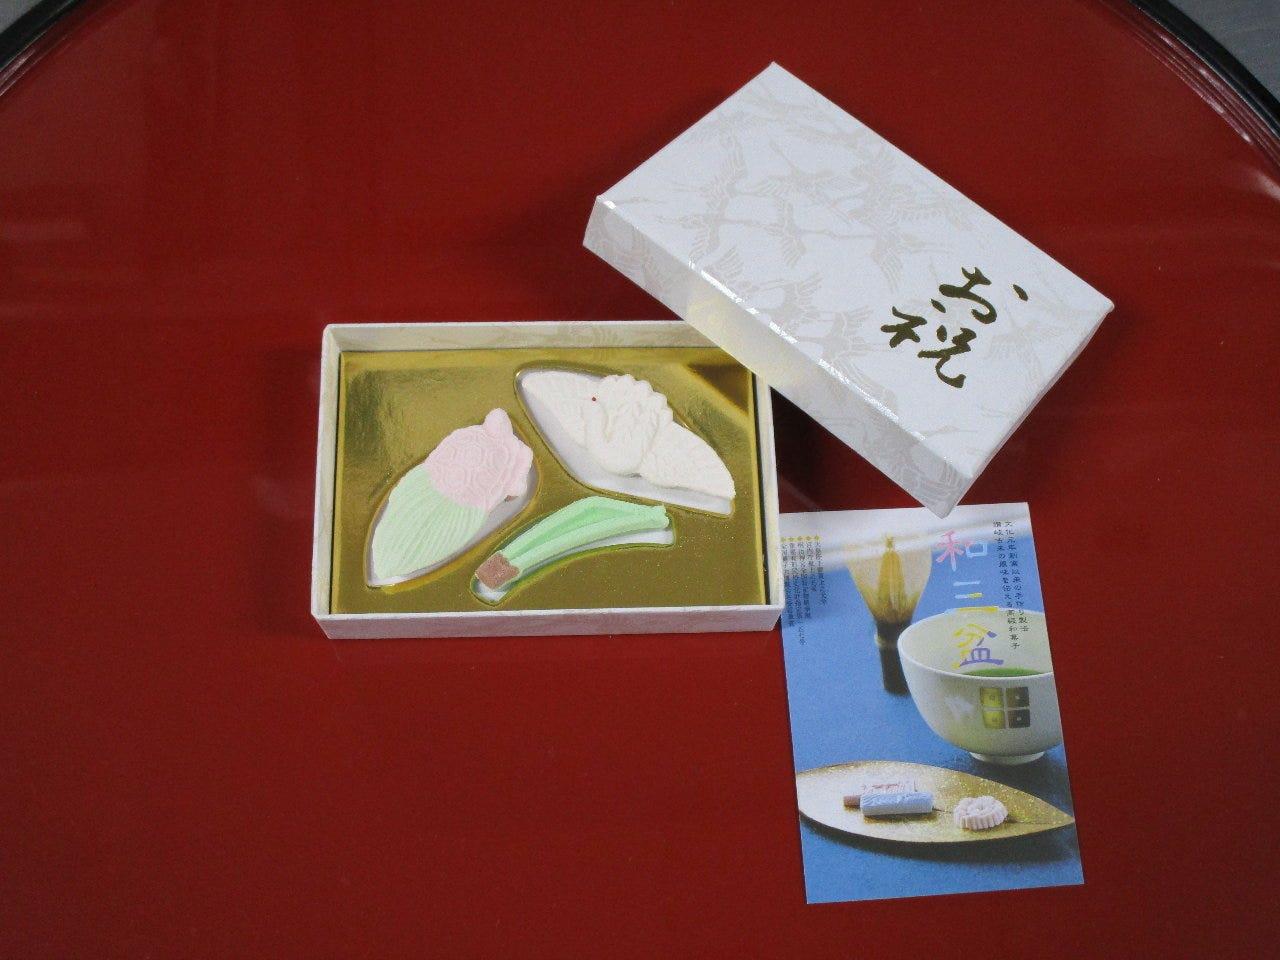 お食い初め膳には、和三盆を使用した和菓子をお付けいたします。